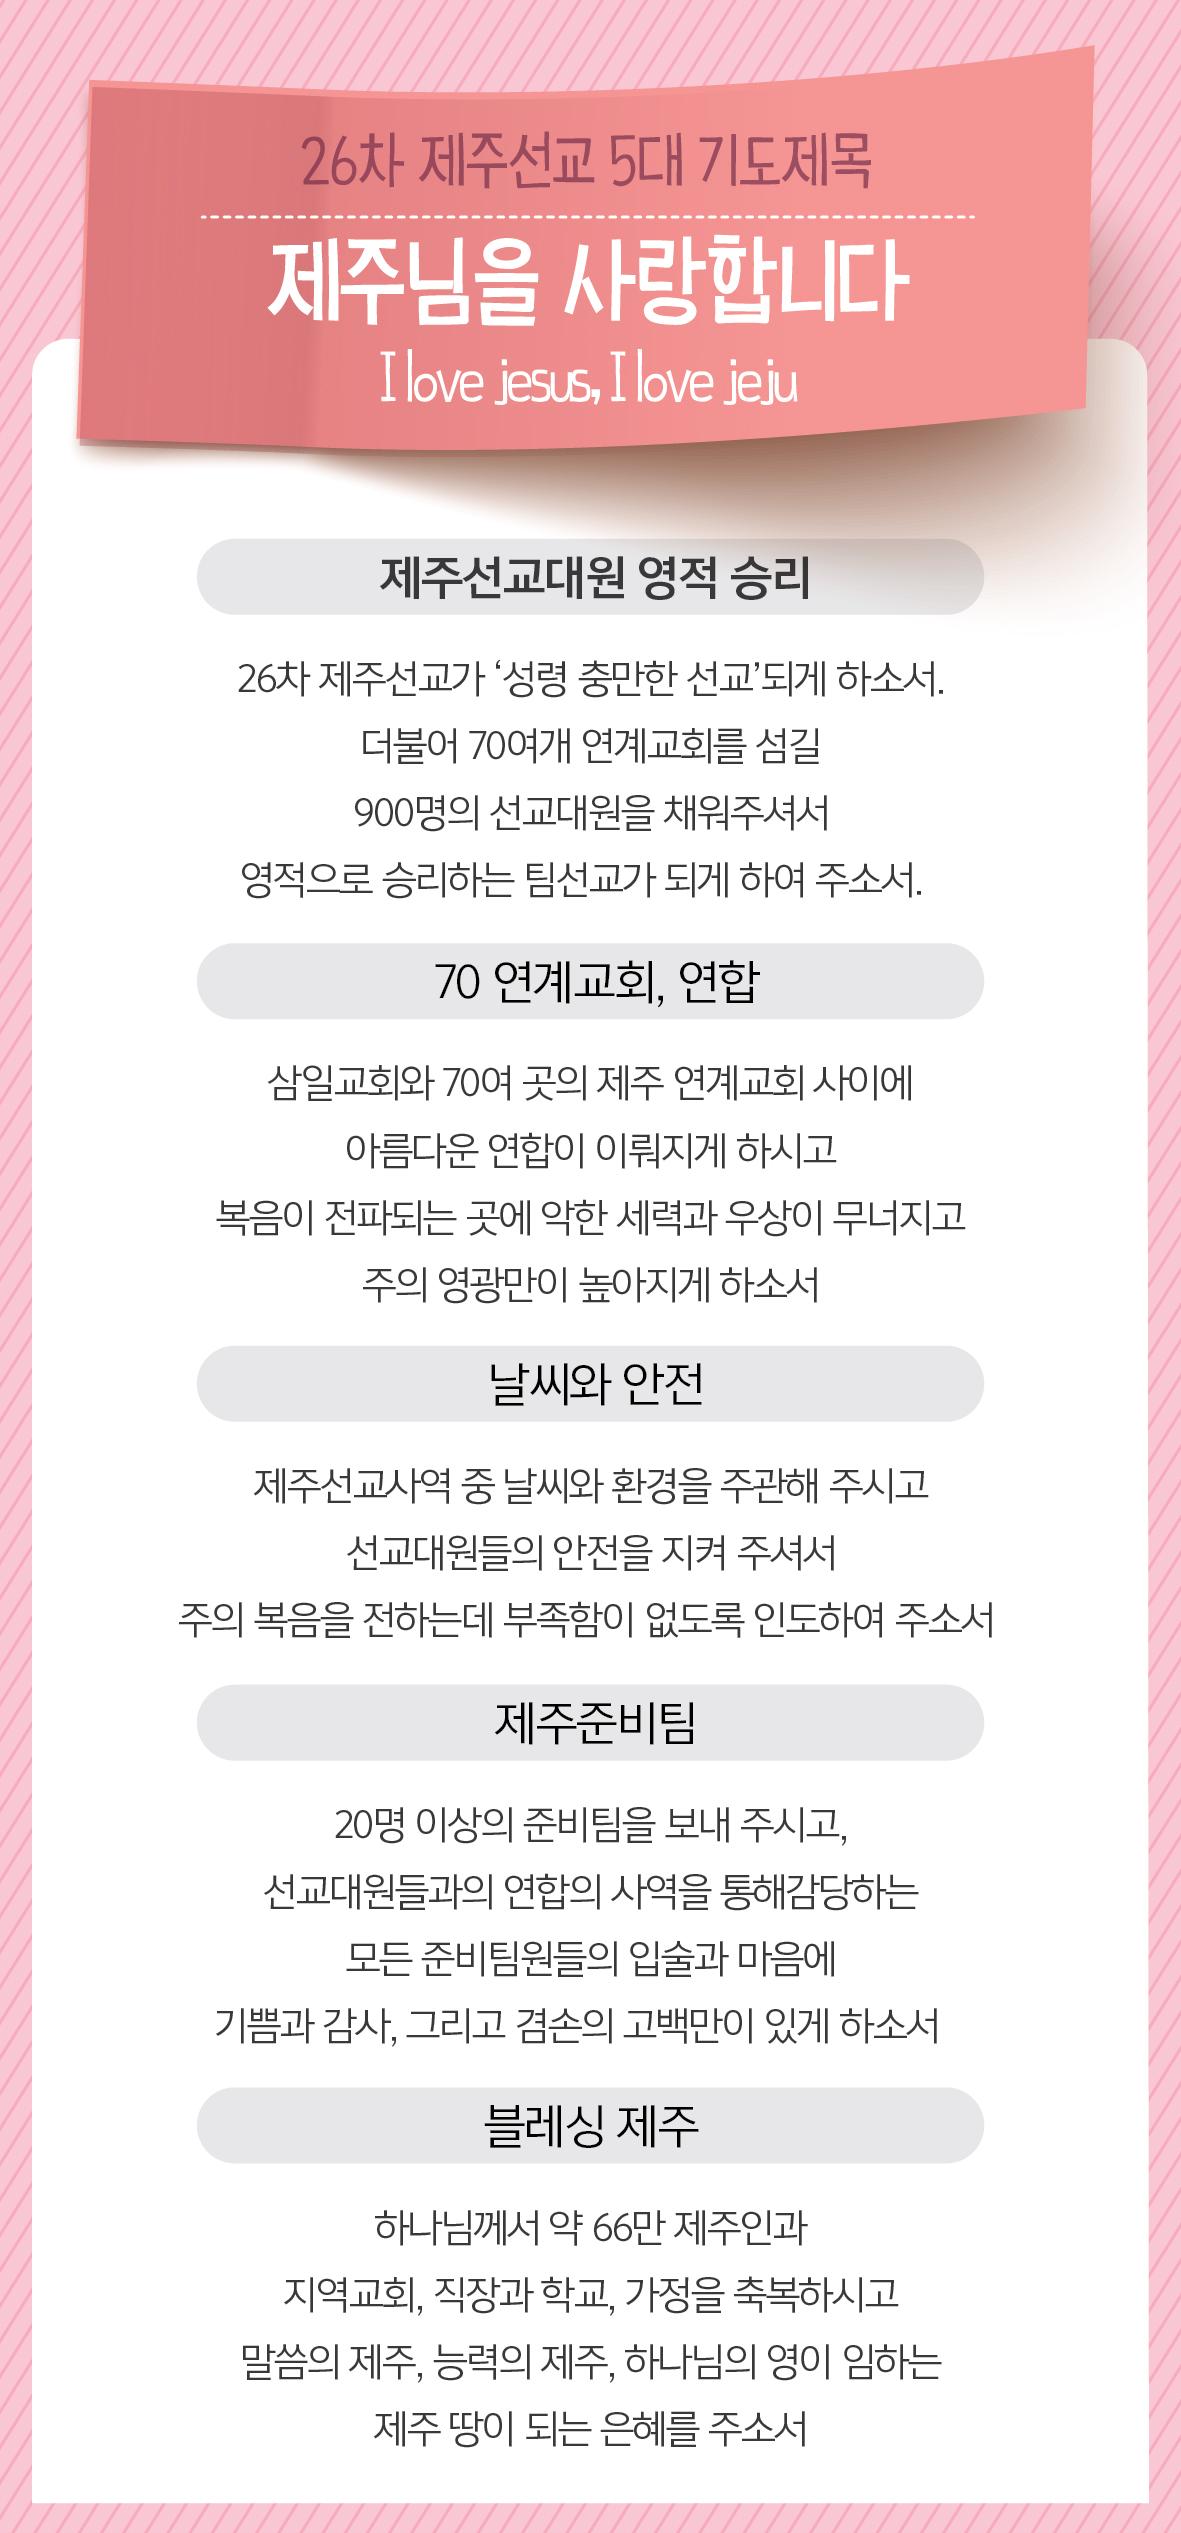 제주선교 20190609 기도제목.jpg